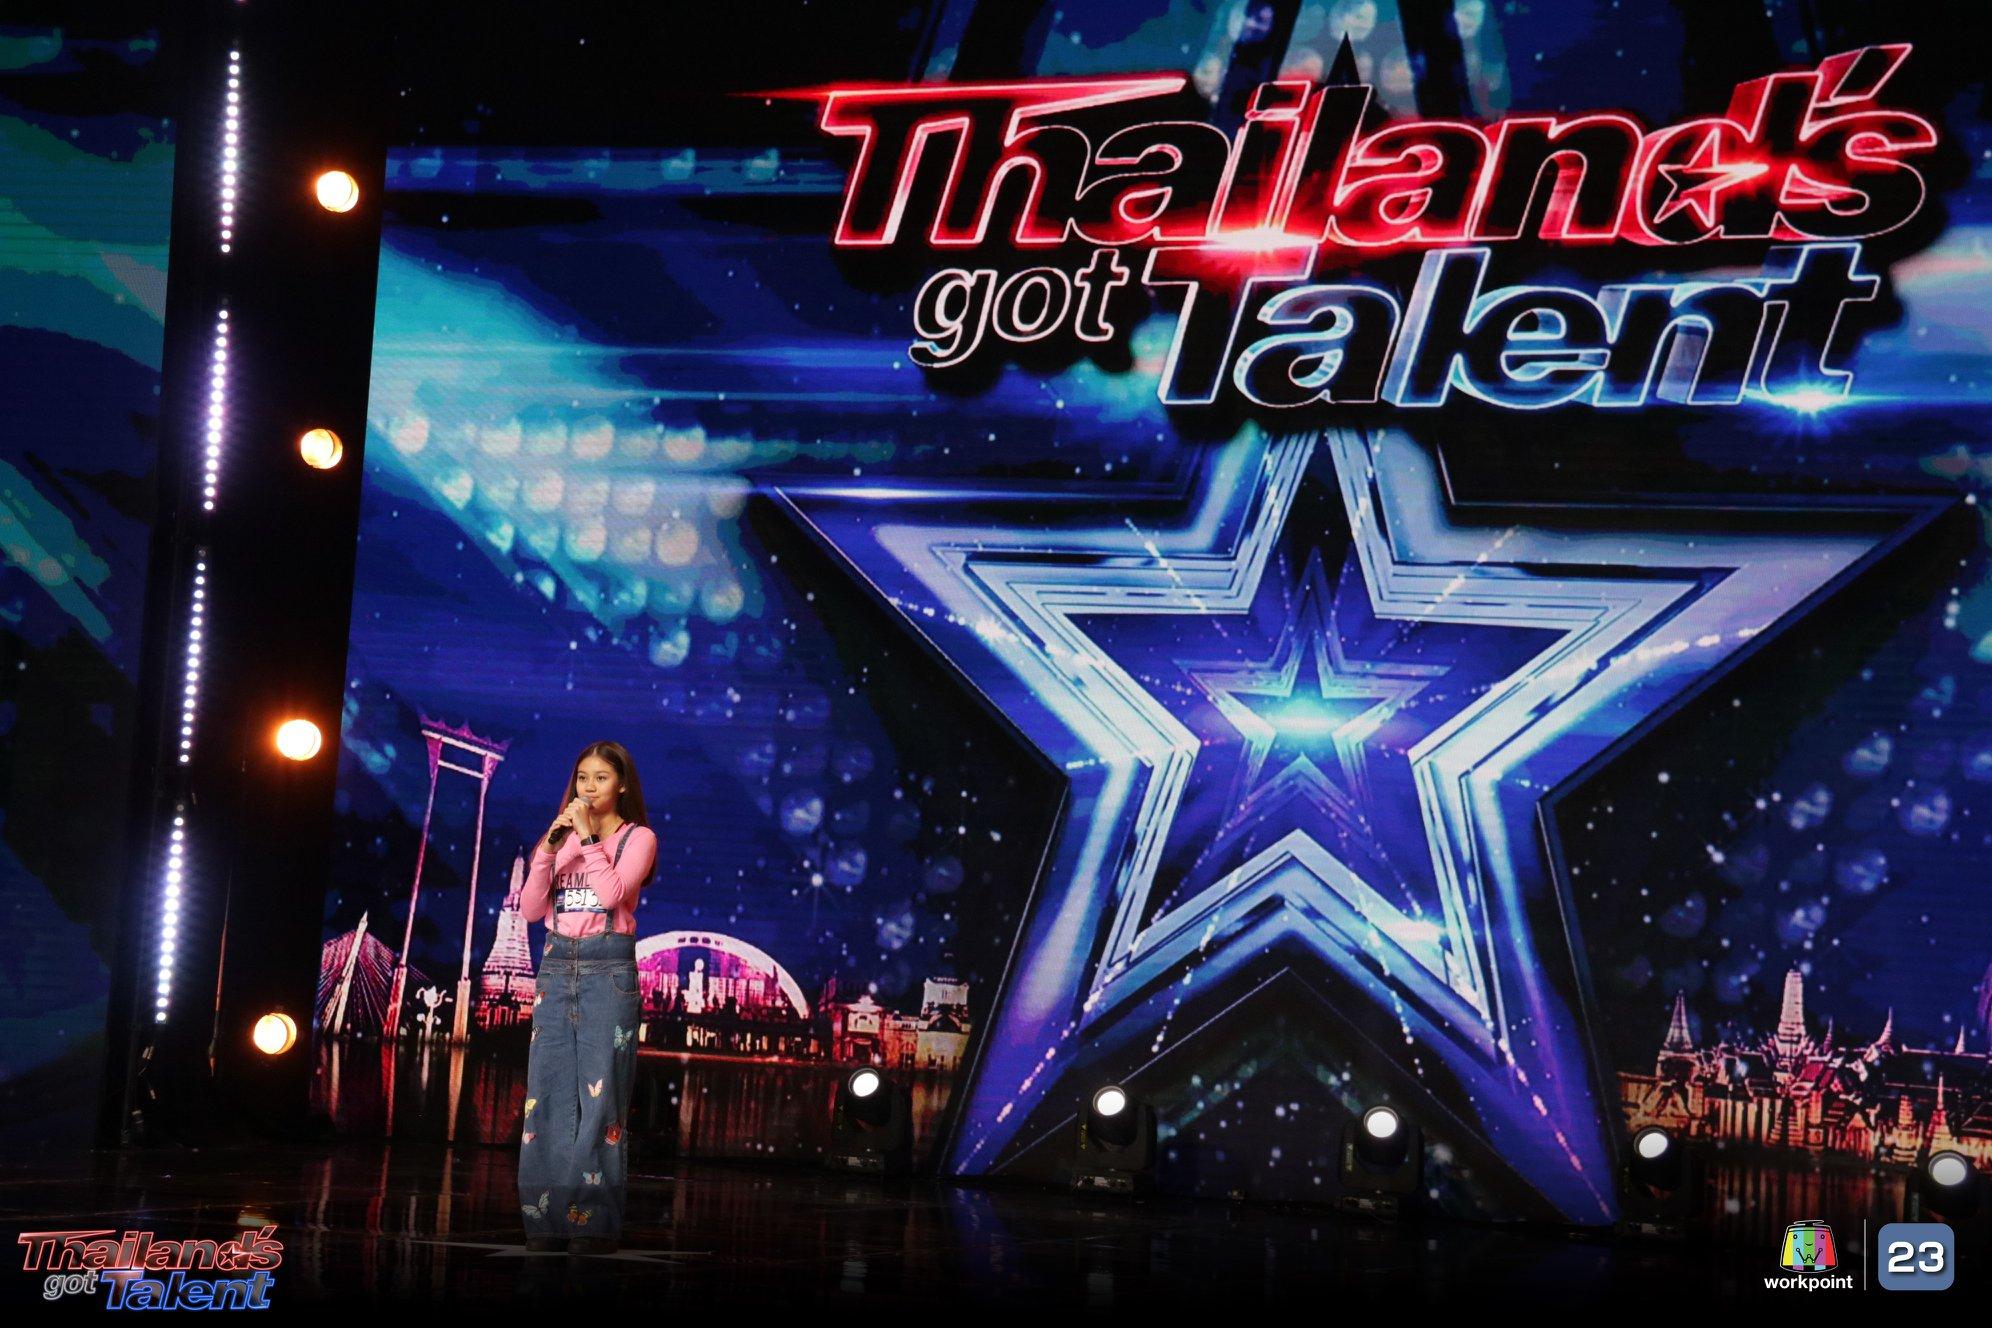 เด็กหญิงสาธิตา เพชรสุวรรณ หรือน้องแจน เข้าร่วมประกวดแข่งขันในรายการ Thailand's Got Talent